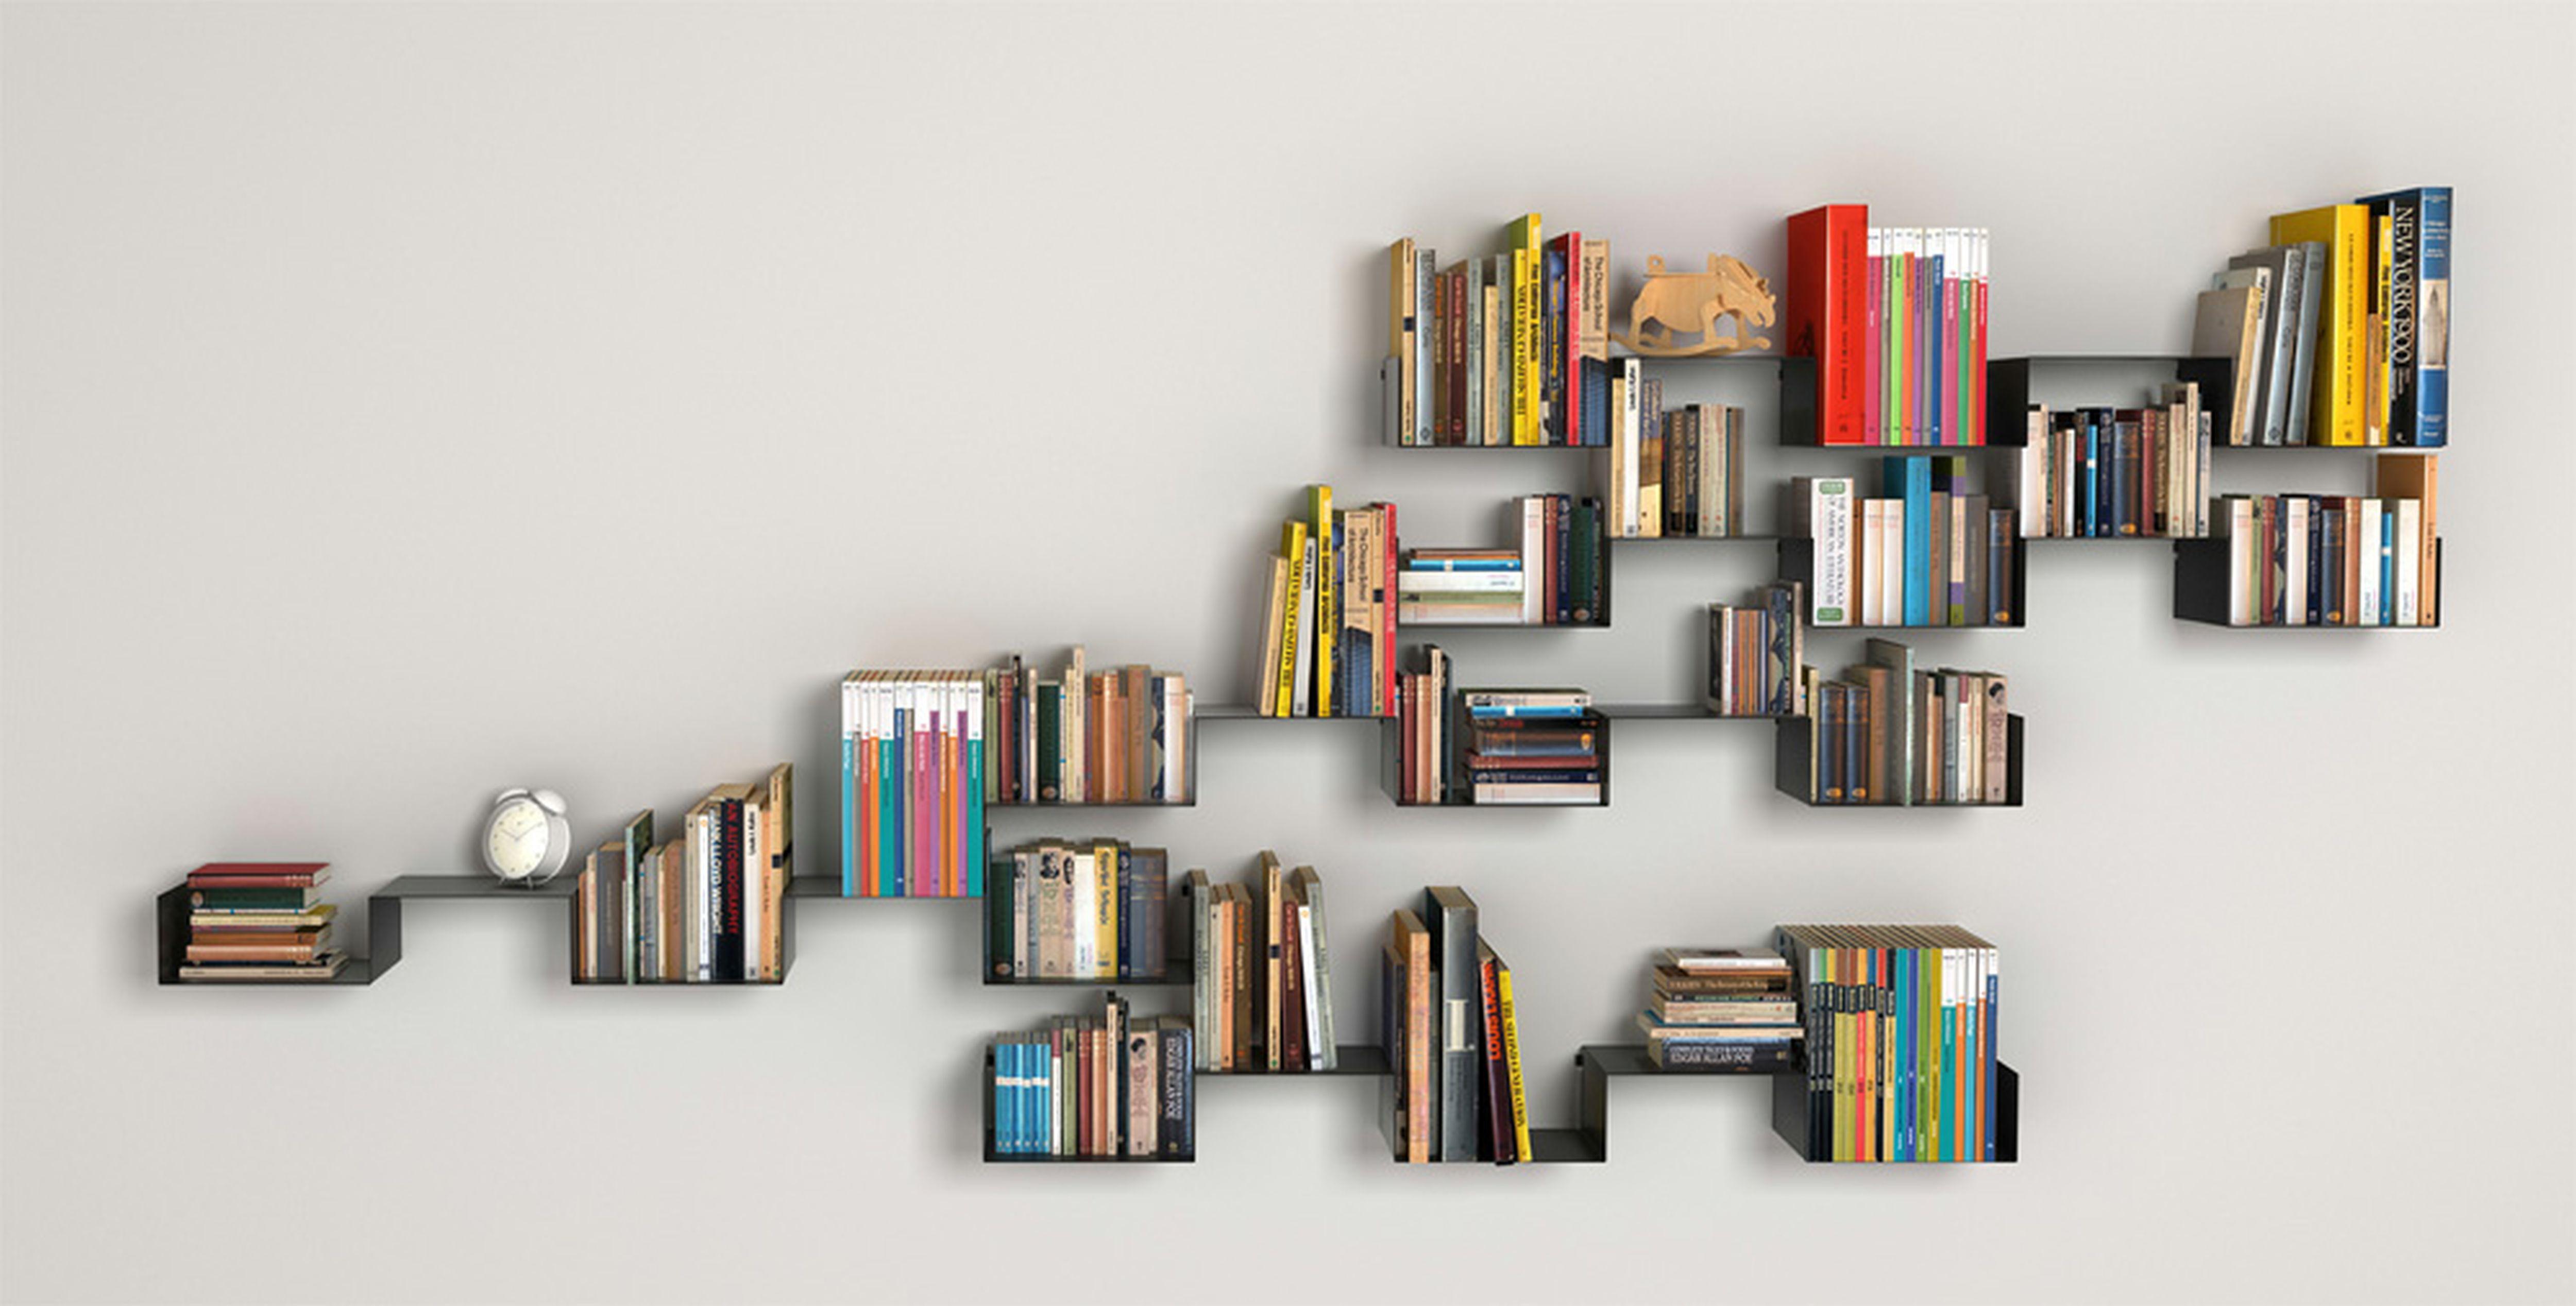 کتابخانه جدید 3